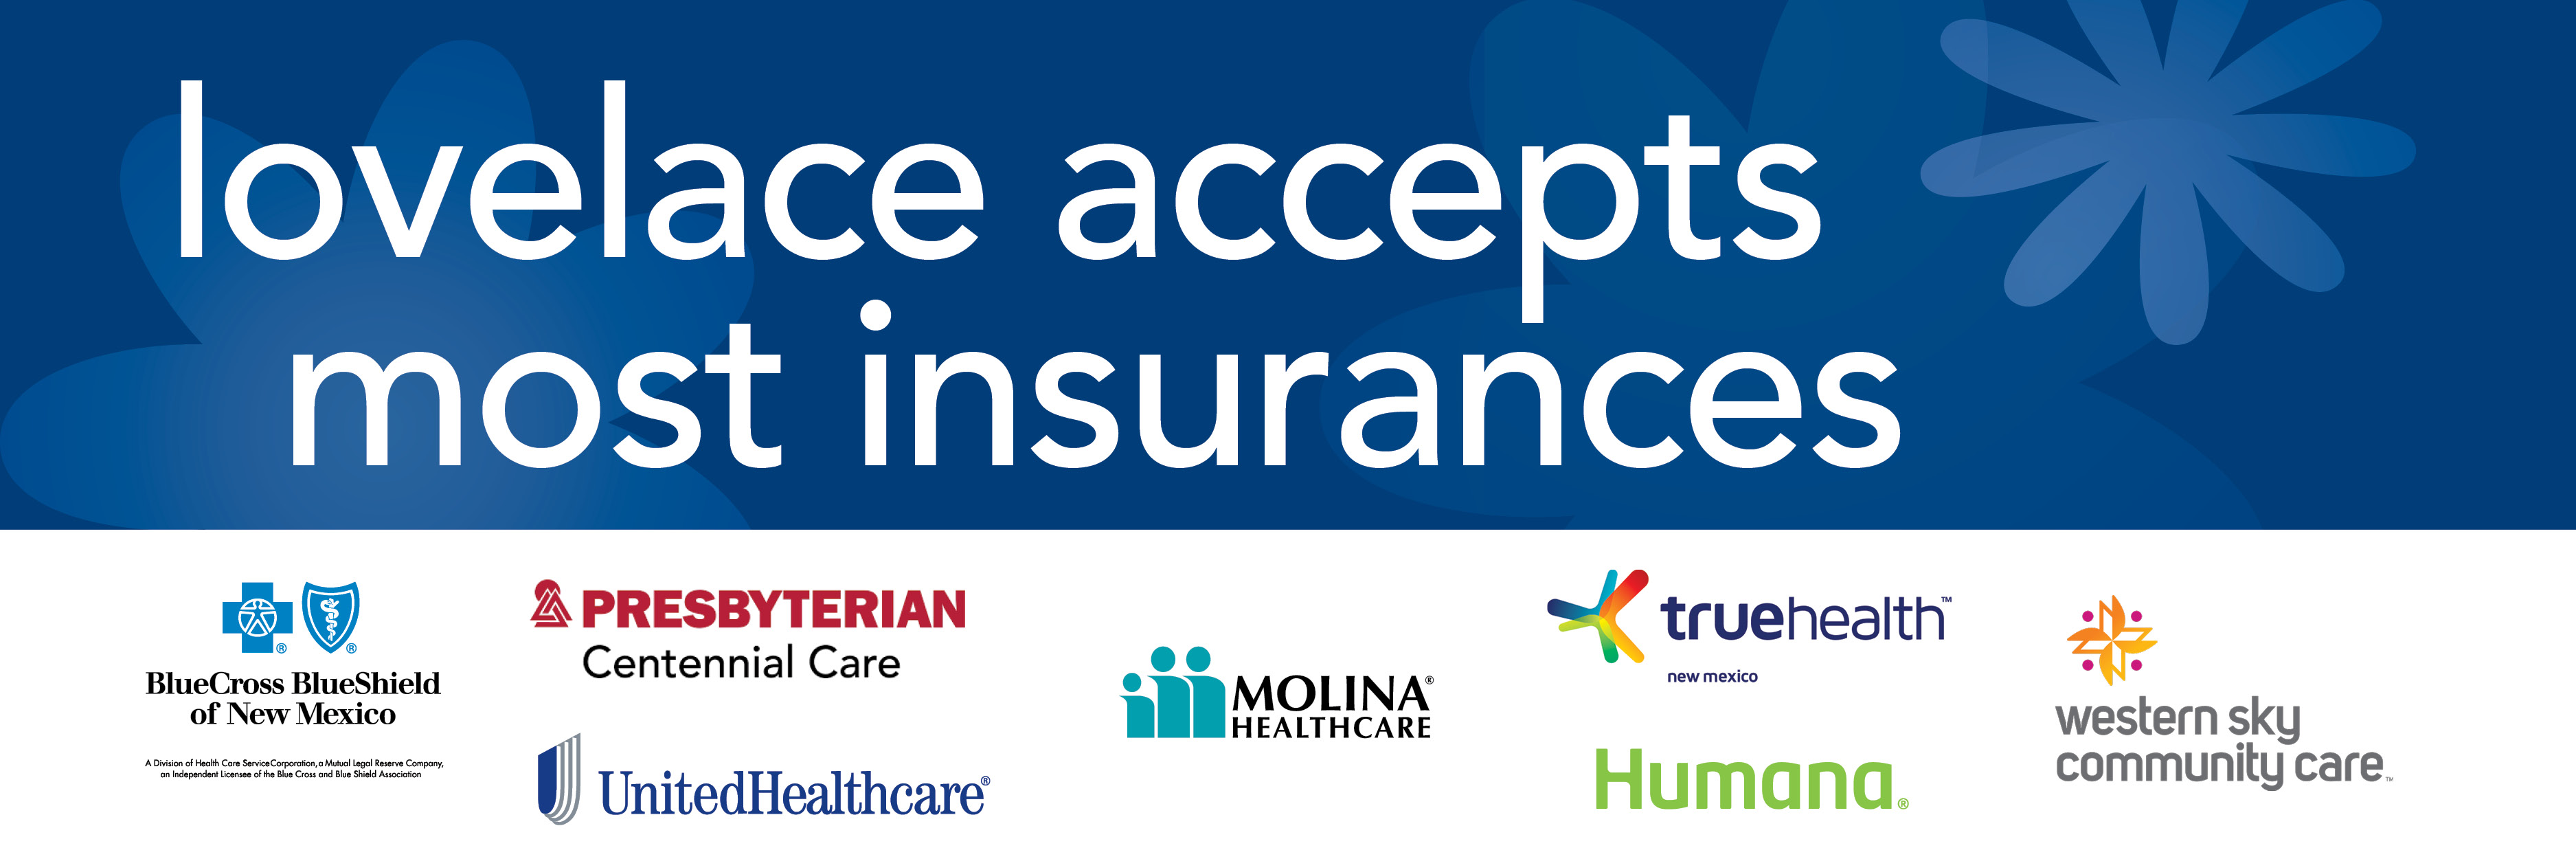 Lovelace Accepts Most Insurances